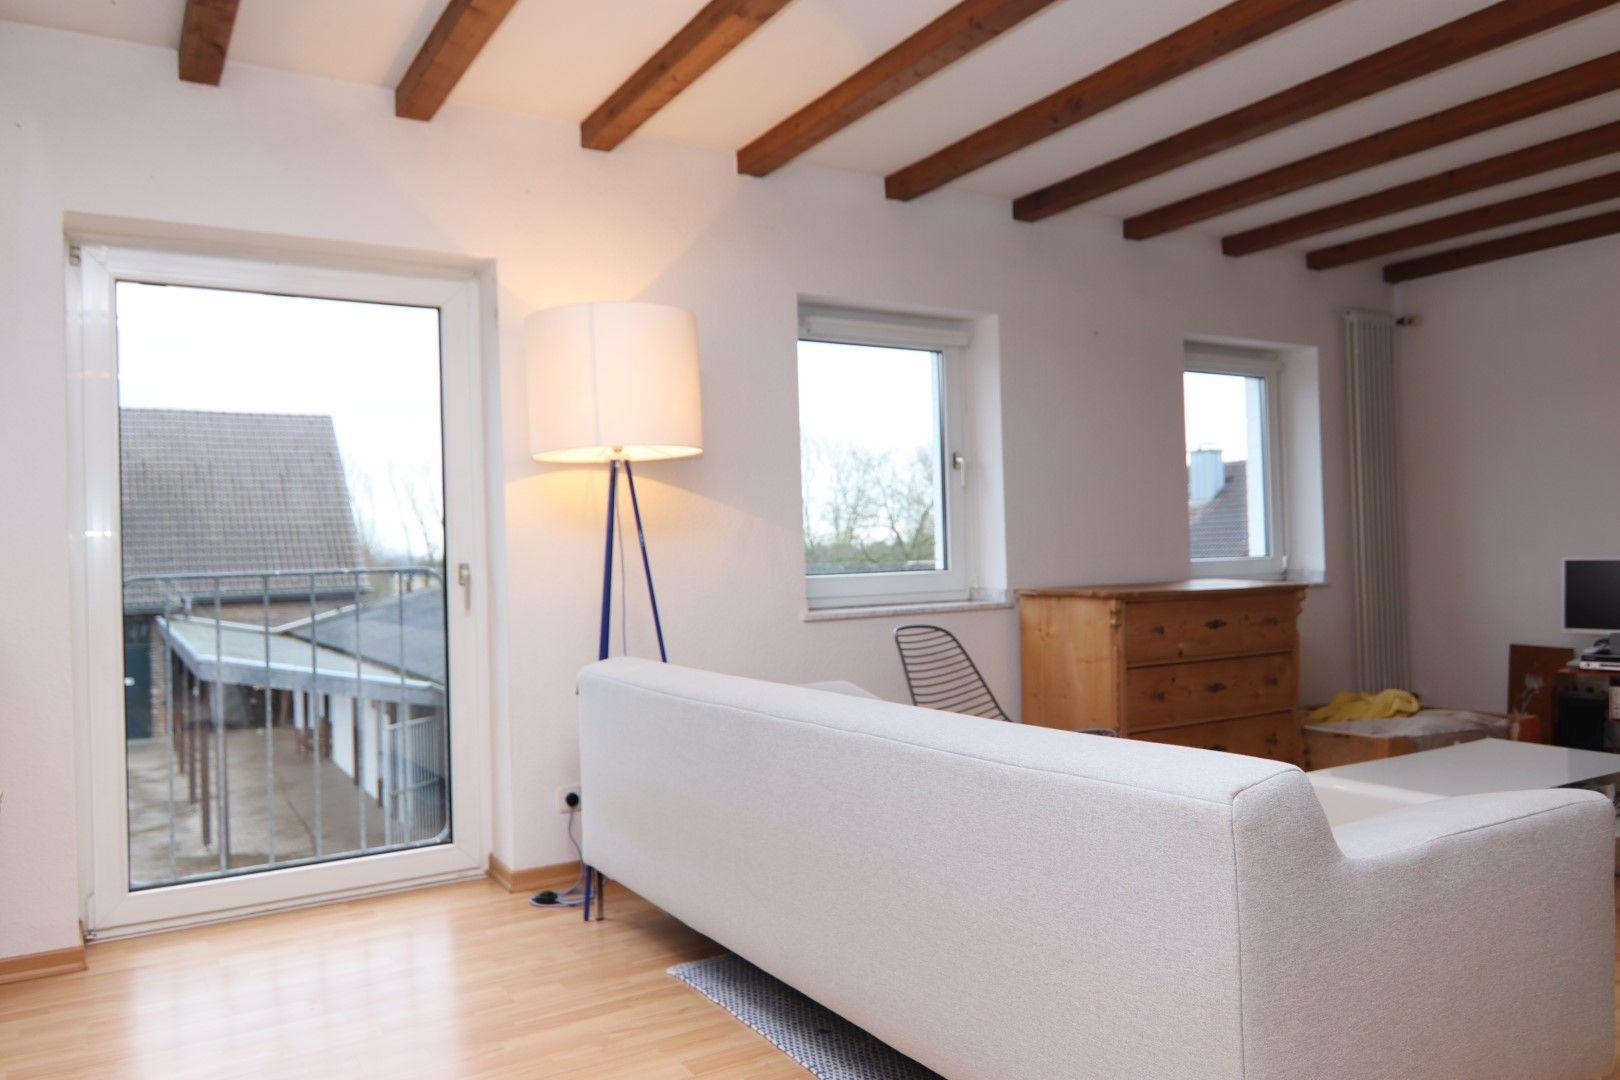 Immobilie Nr.0291 - 4-Raum-Wohnung, 2 Bäder mit Balkon u. Stpl. - Bild 4.jpg